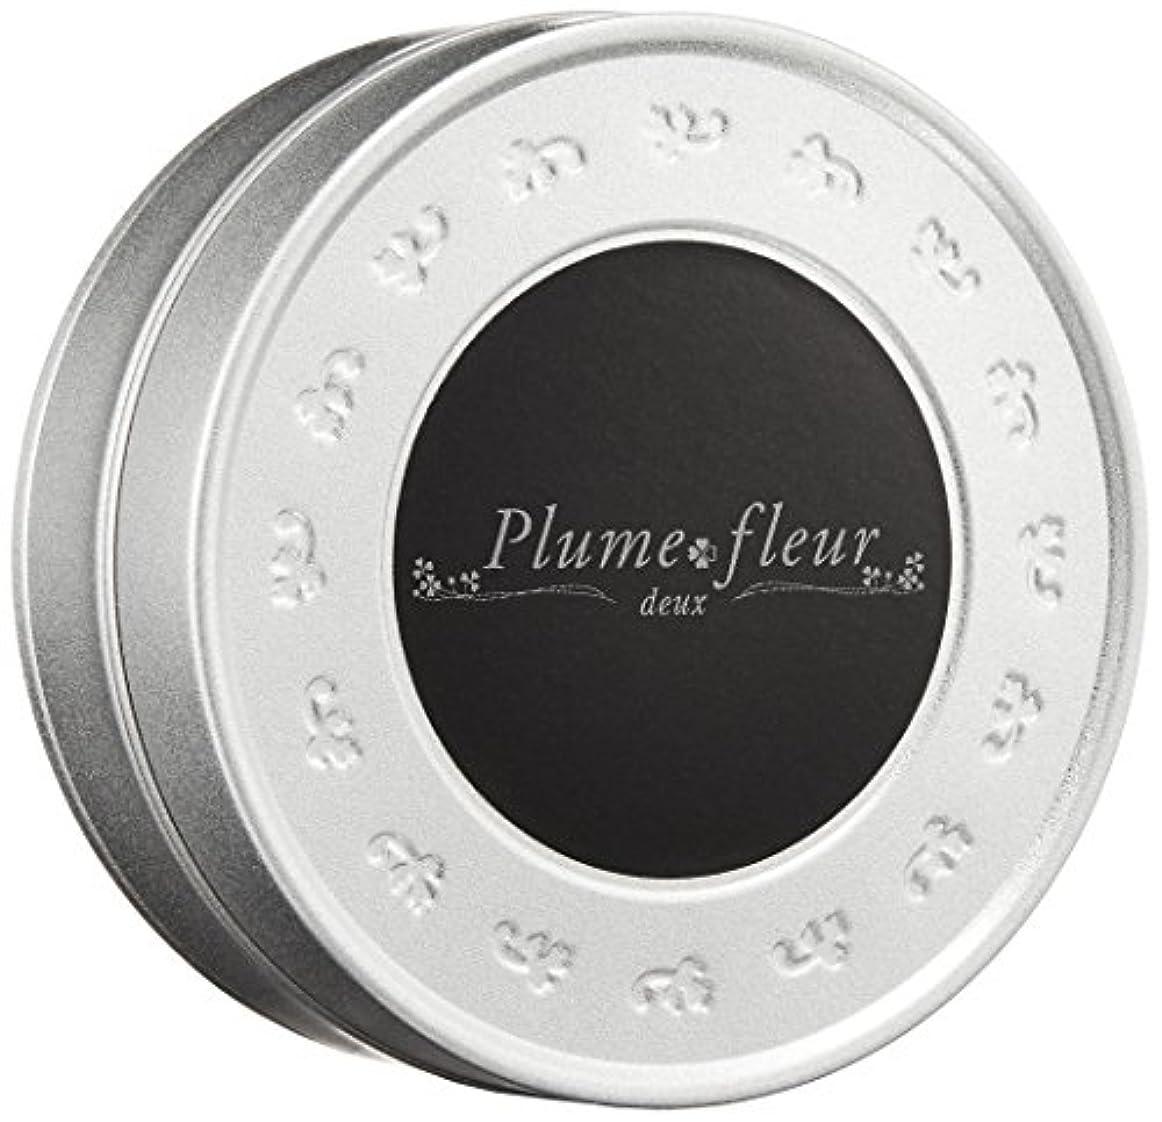 集中爆発嫌がるPlume fleur -deux-(プルームフルール?WH)